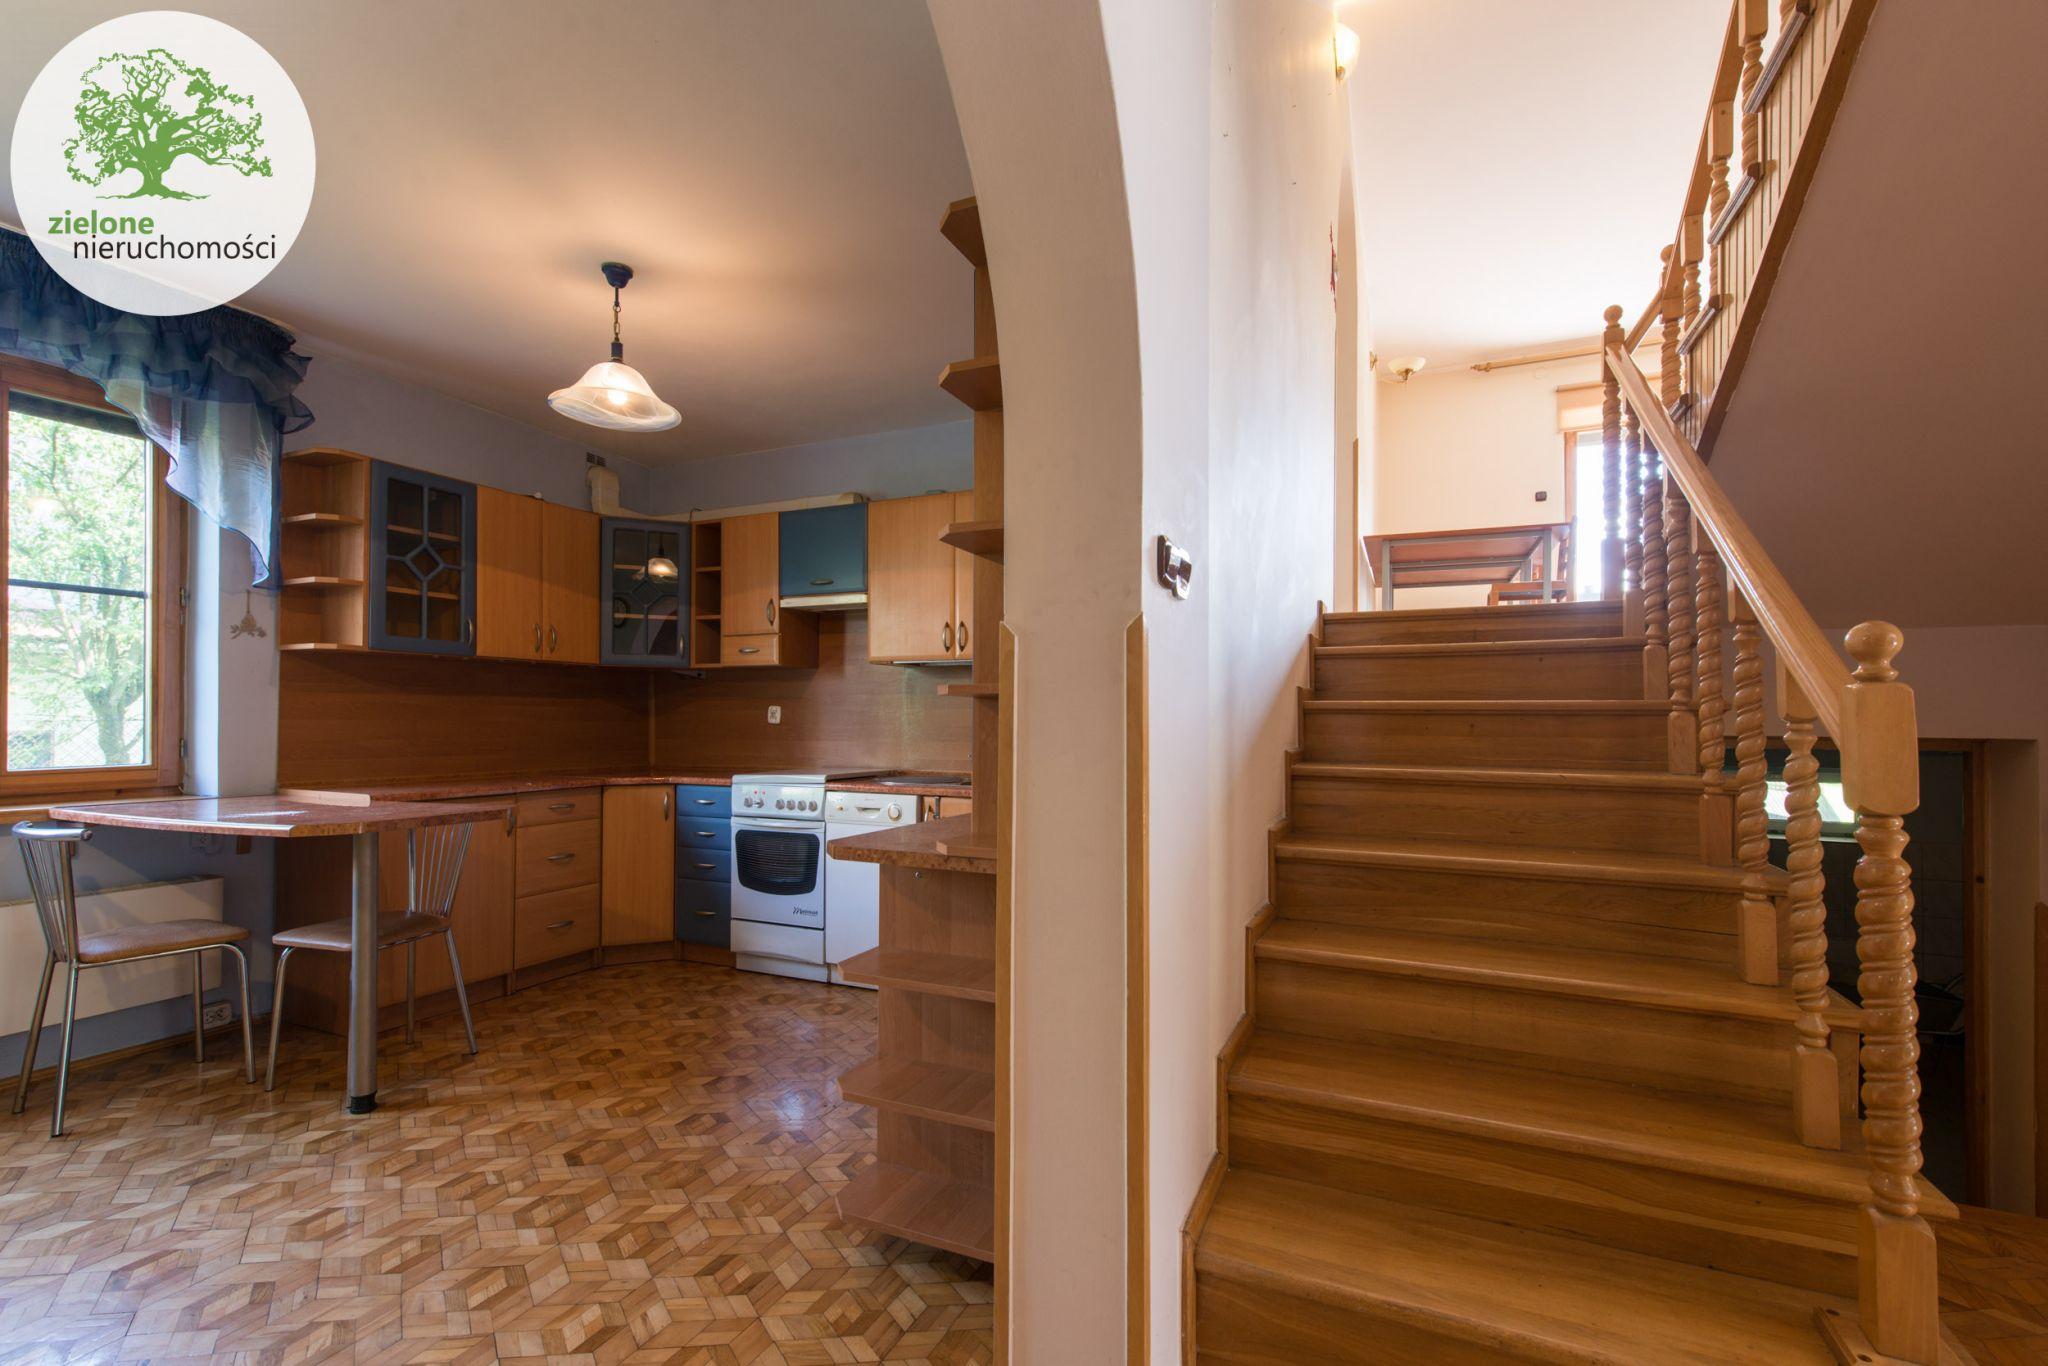 Zdjęcie 412 pokoi, dom dla dużej rodziny lub na firmę